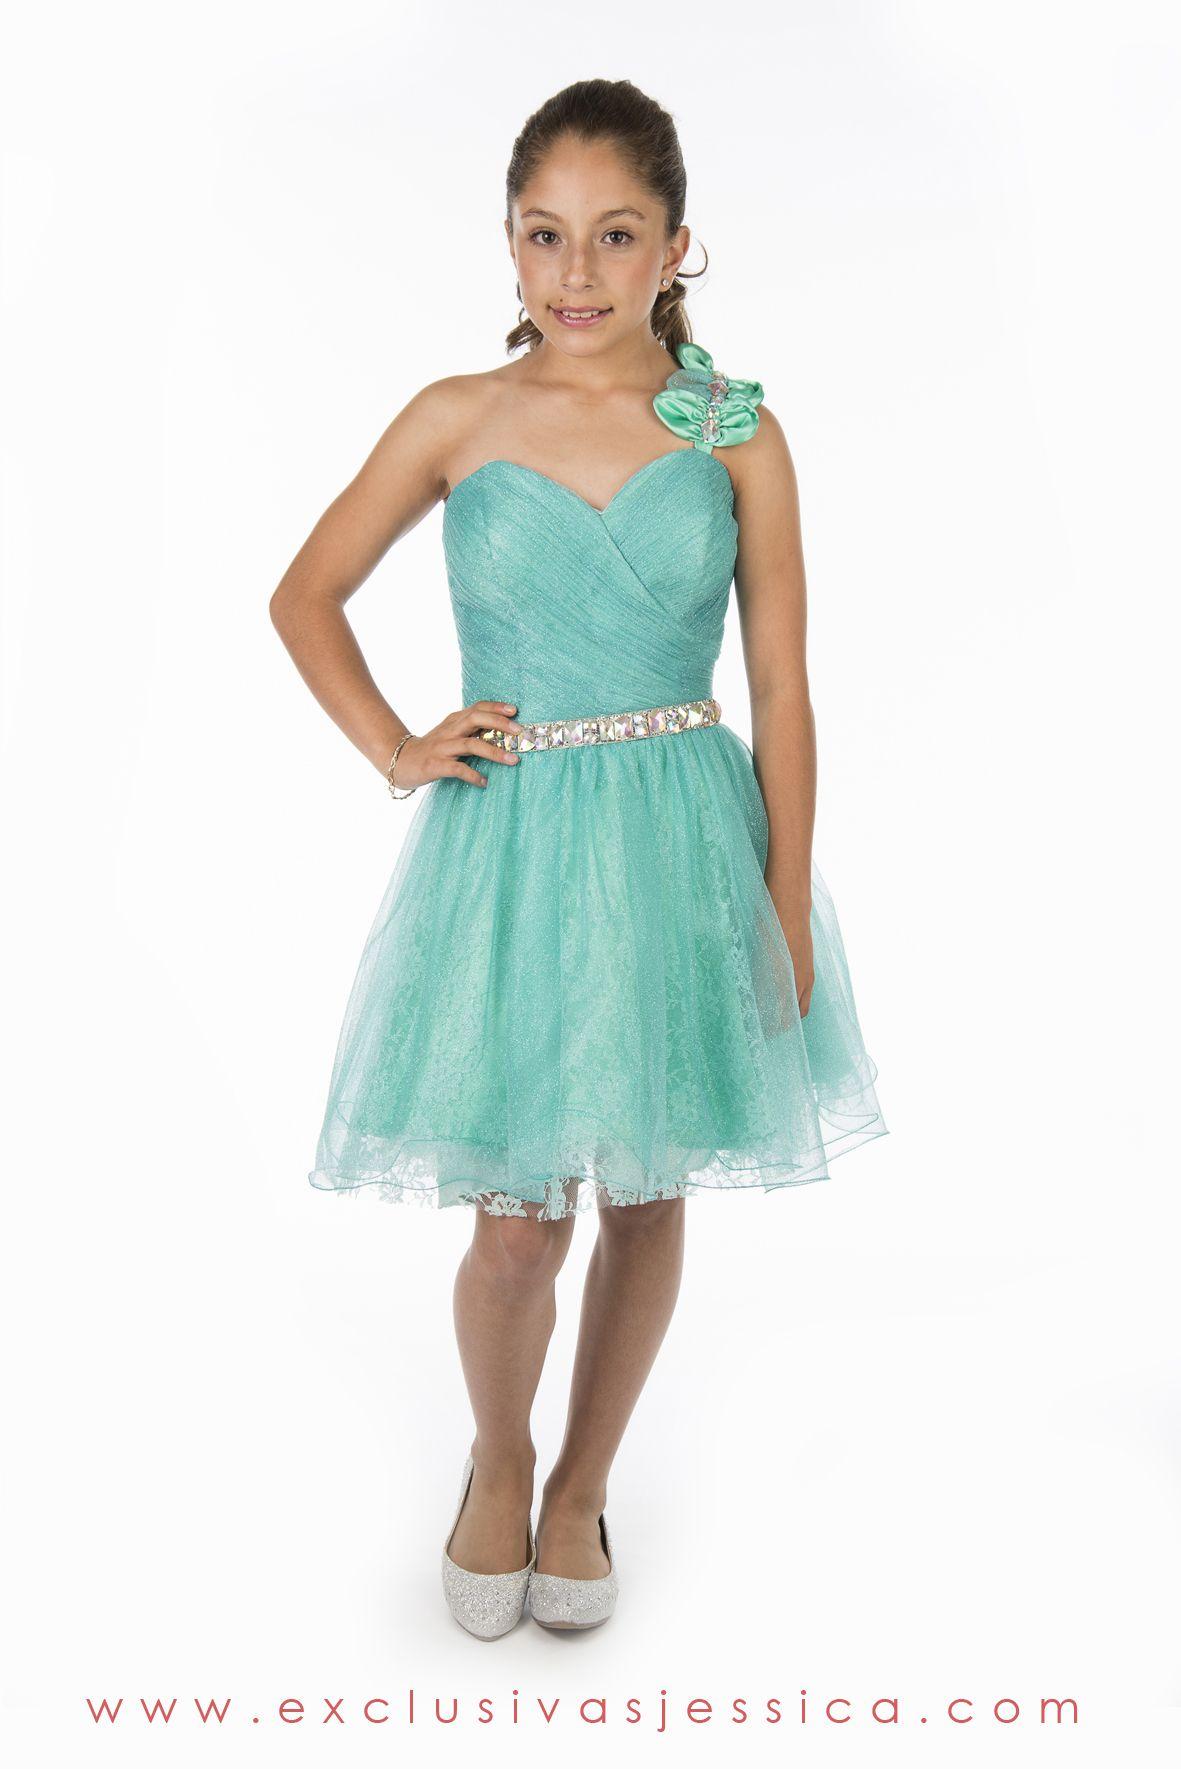 Jessica Vestidos #fiesta #gala #moda #drees #vestidos #juniors #graduación #graduaciones #mexico #DF #15Años #fifteen #graduation #ropa #cool #vestido #corto #color #menta #verde #agua #aqua #agua #turquesa